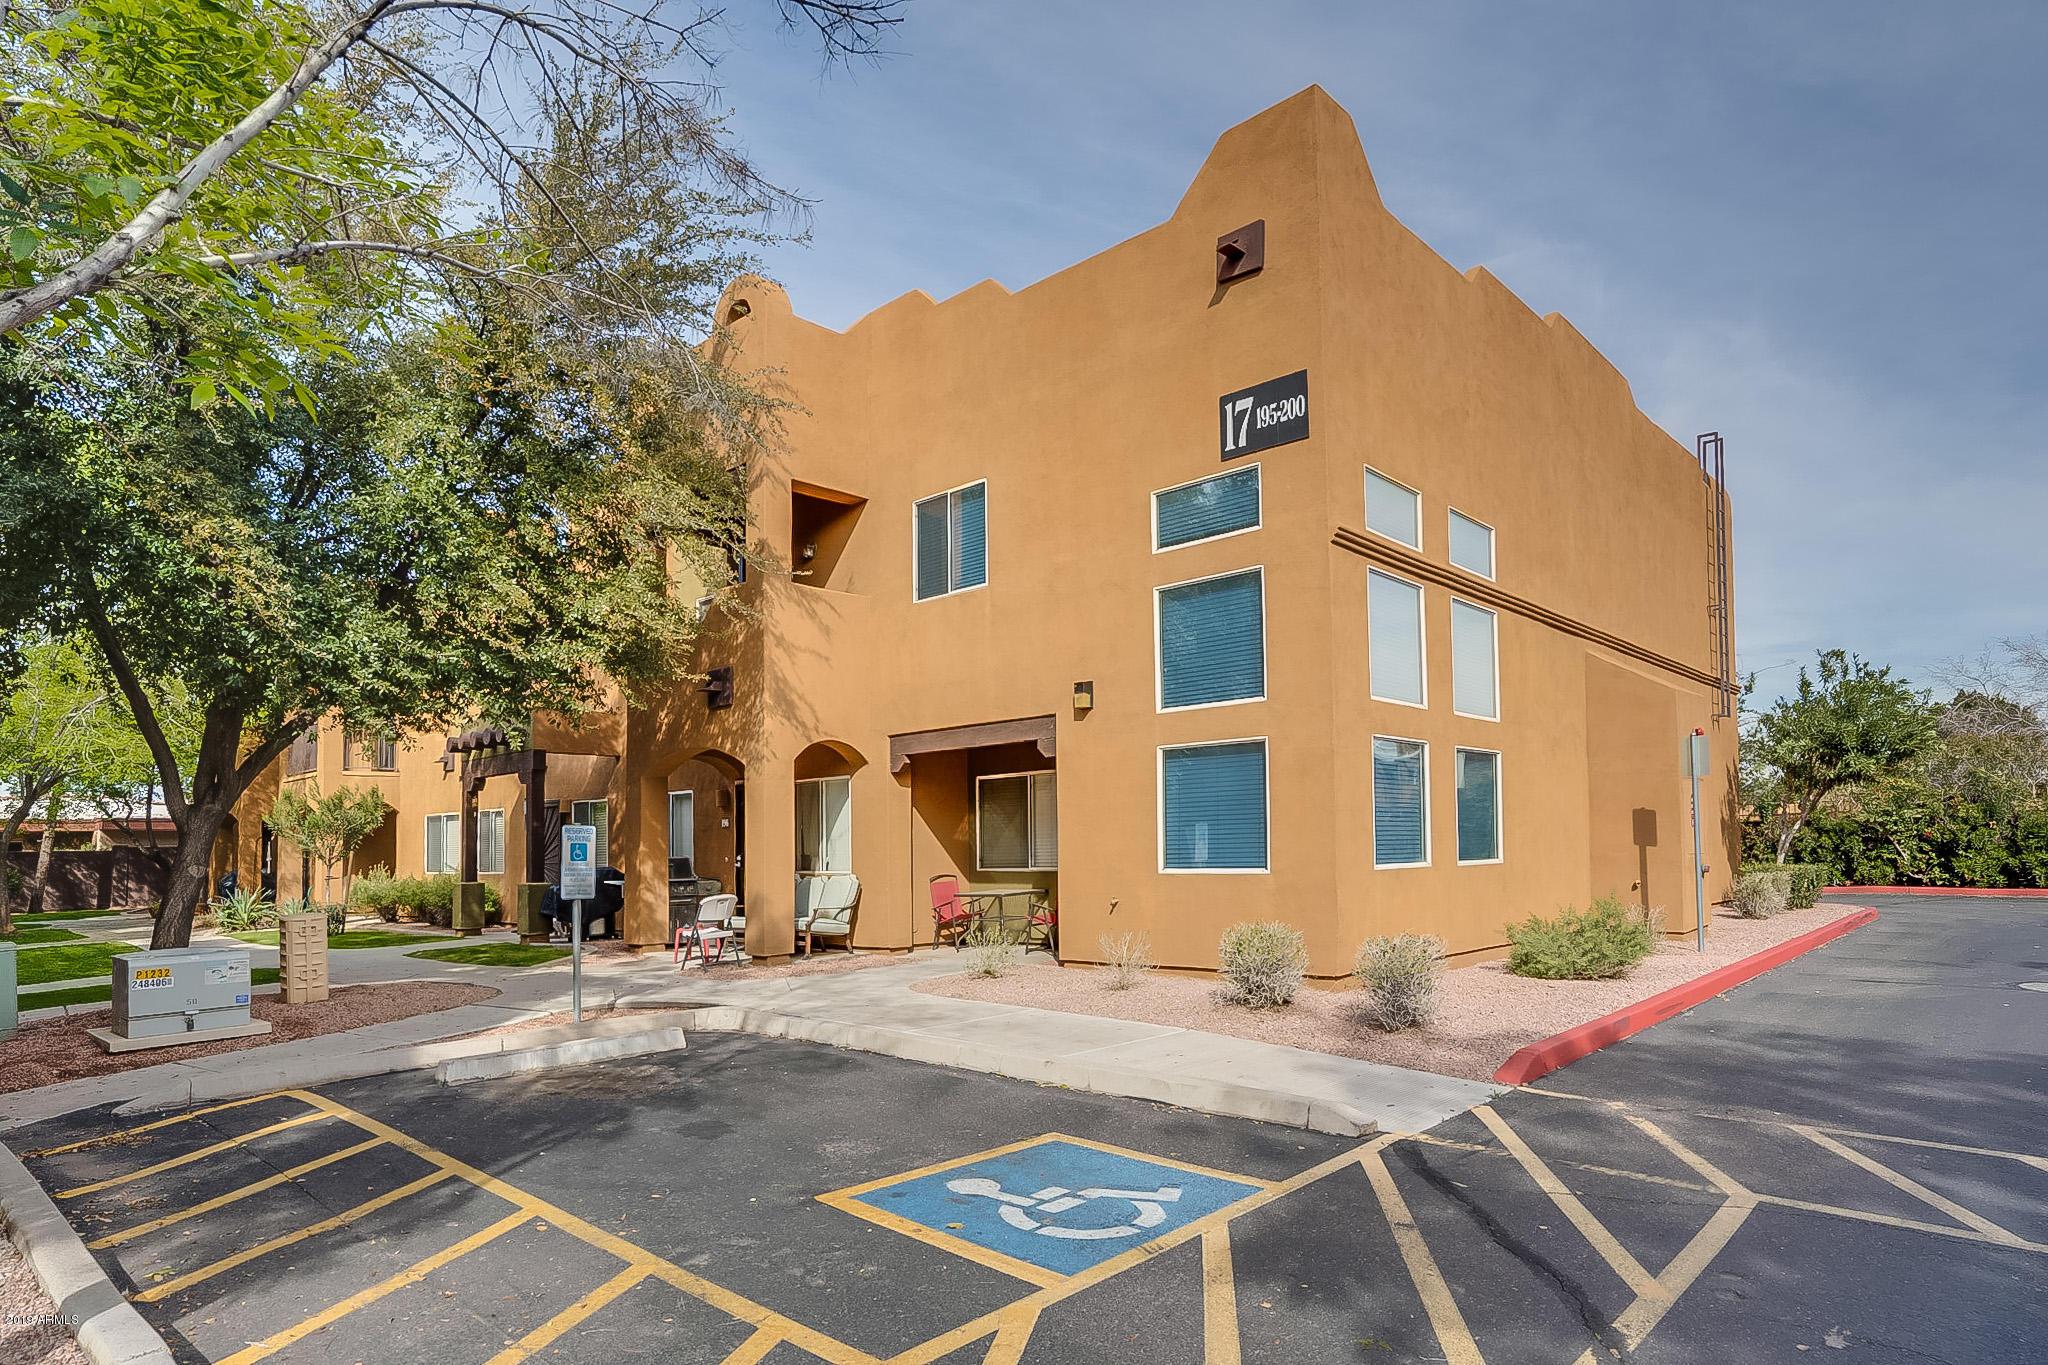 Photo of 1718 W COLTER Street #200, Phoenix, AZ 85015